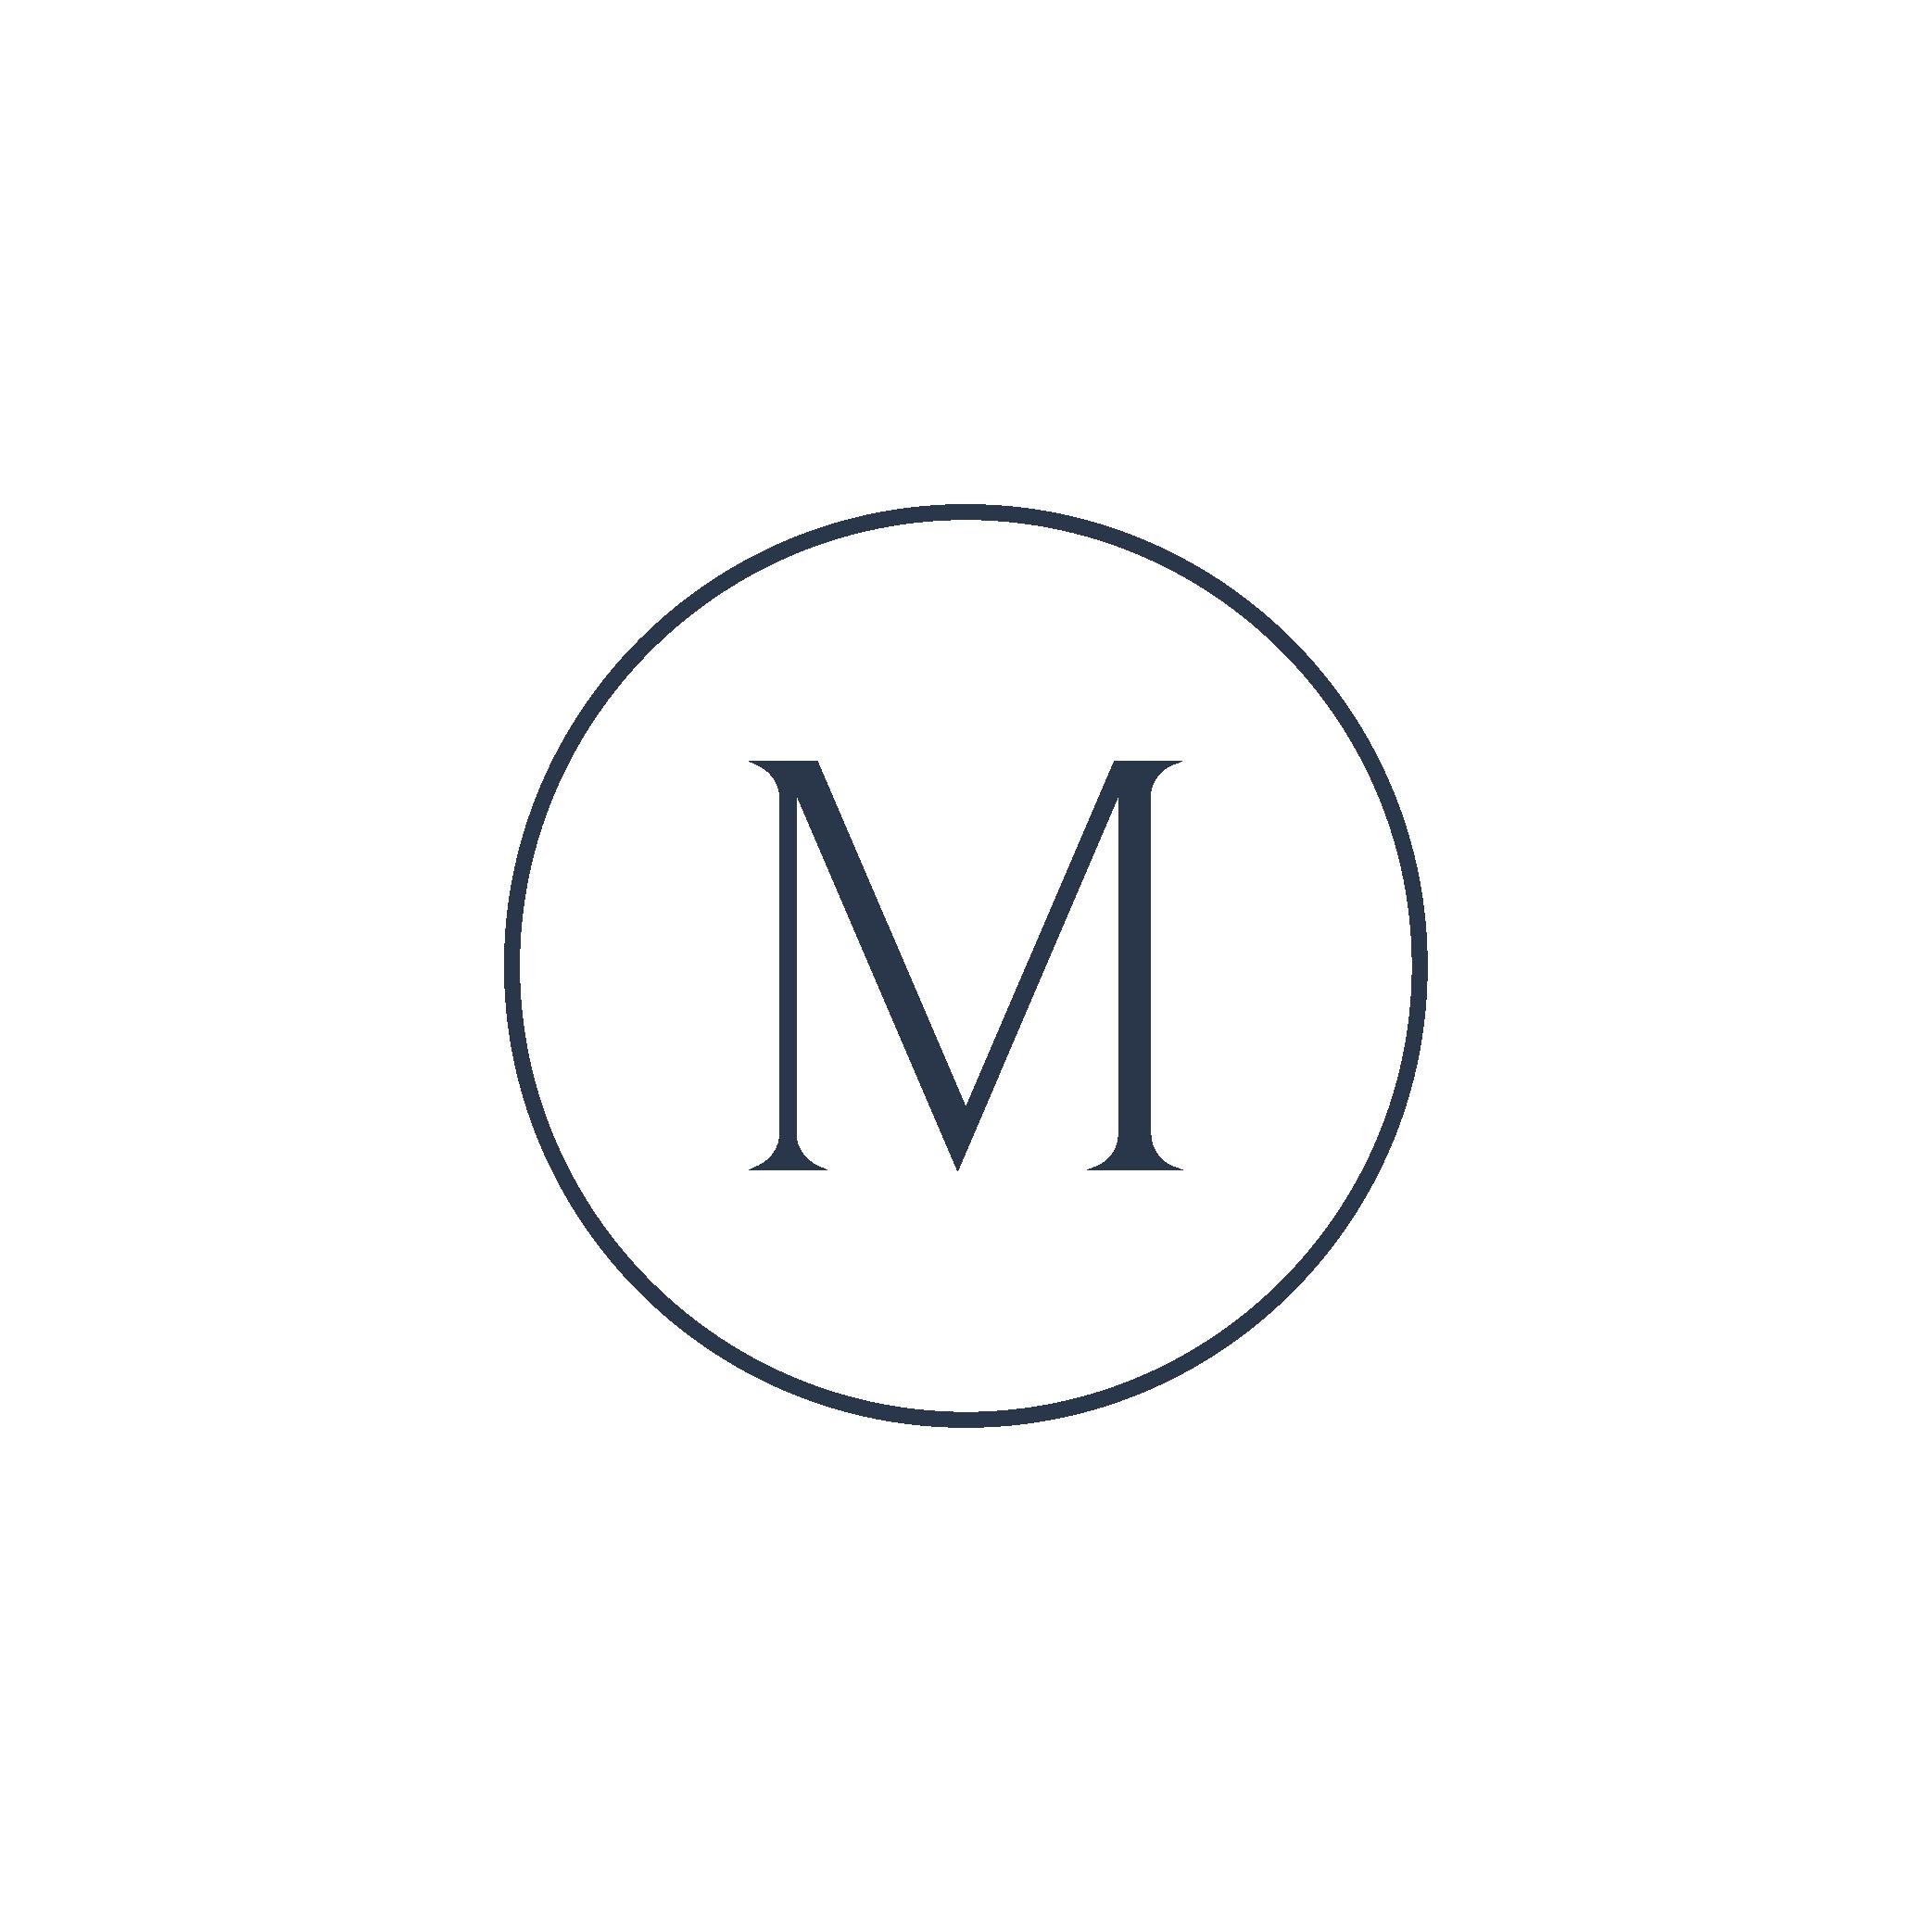 MD-Logos_circle_navy_small.png